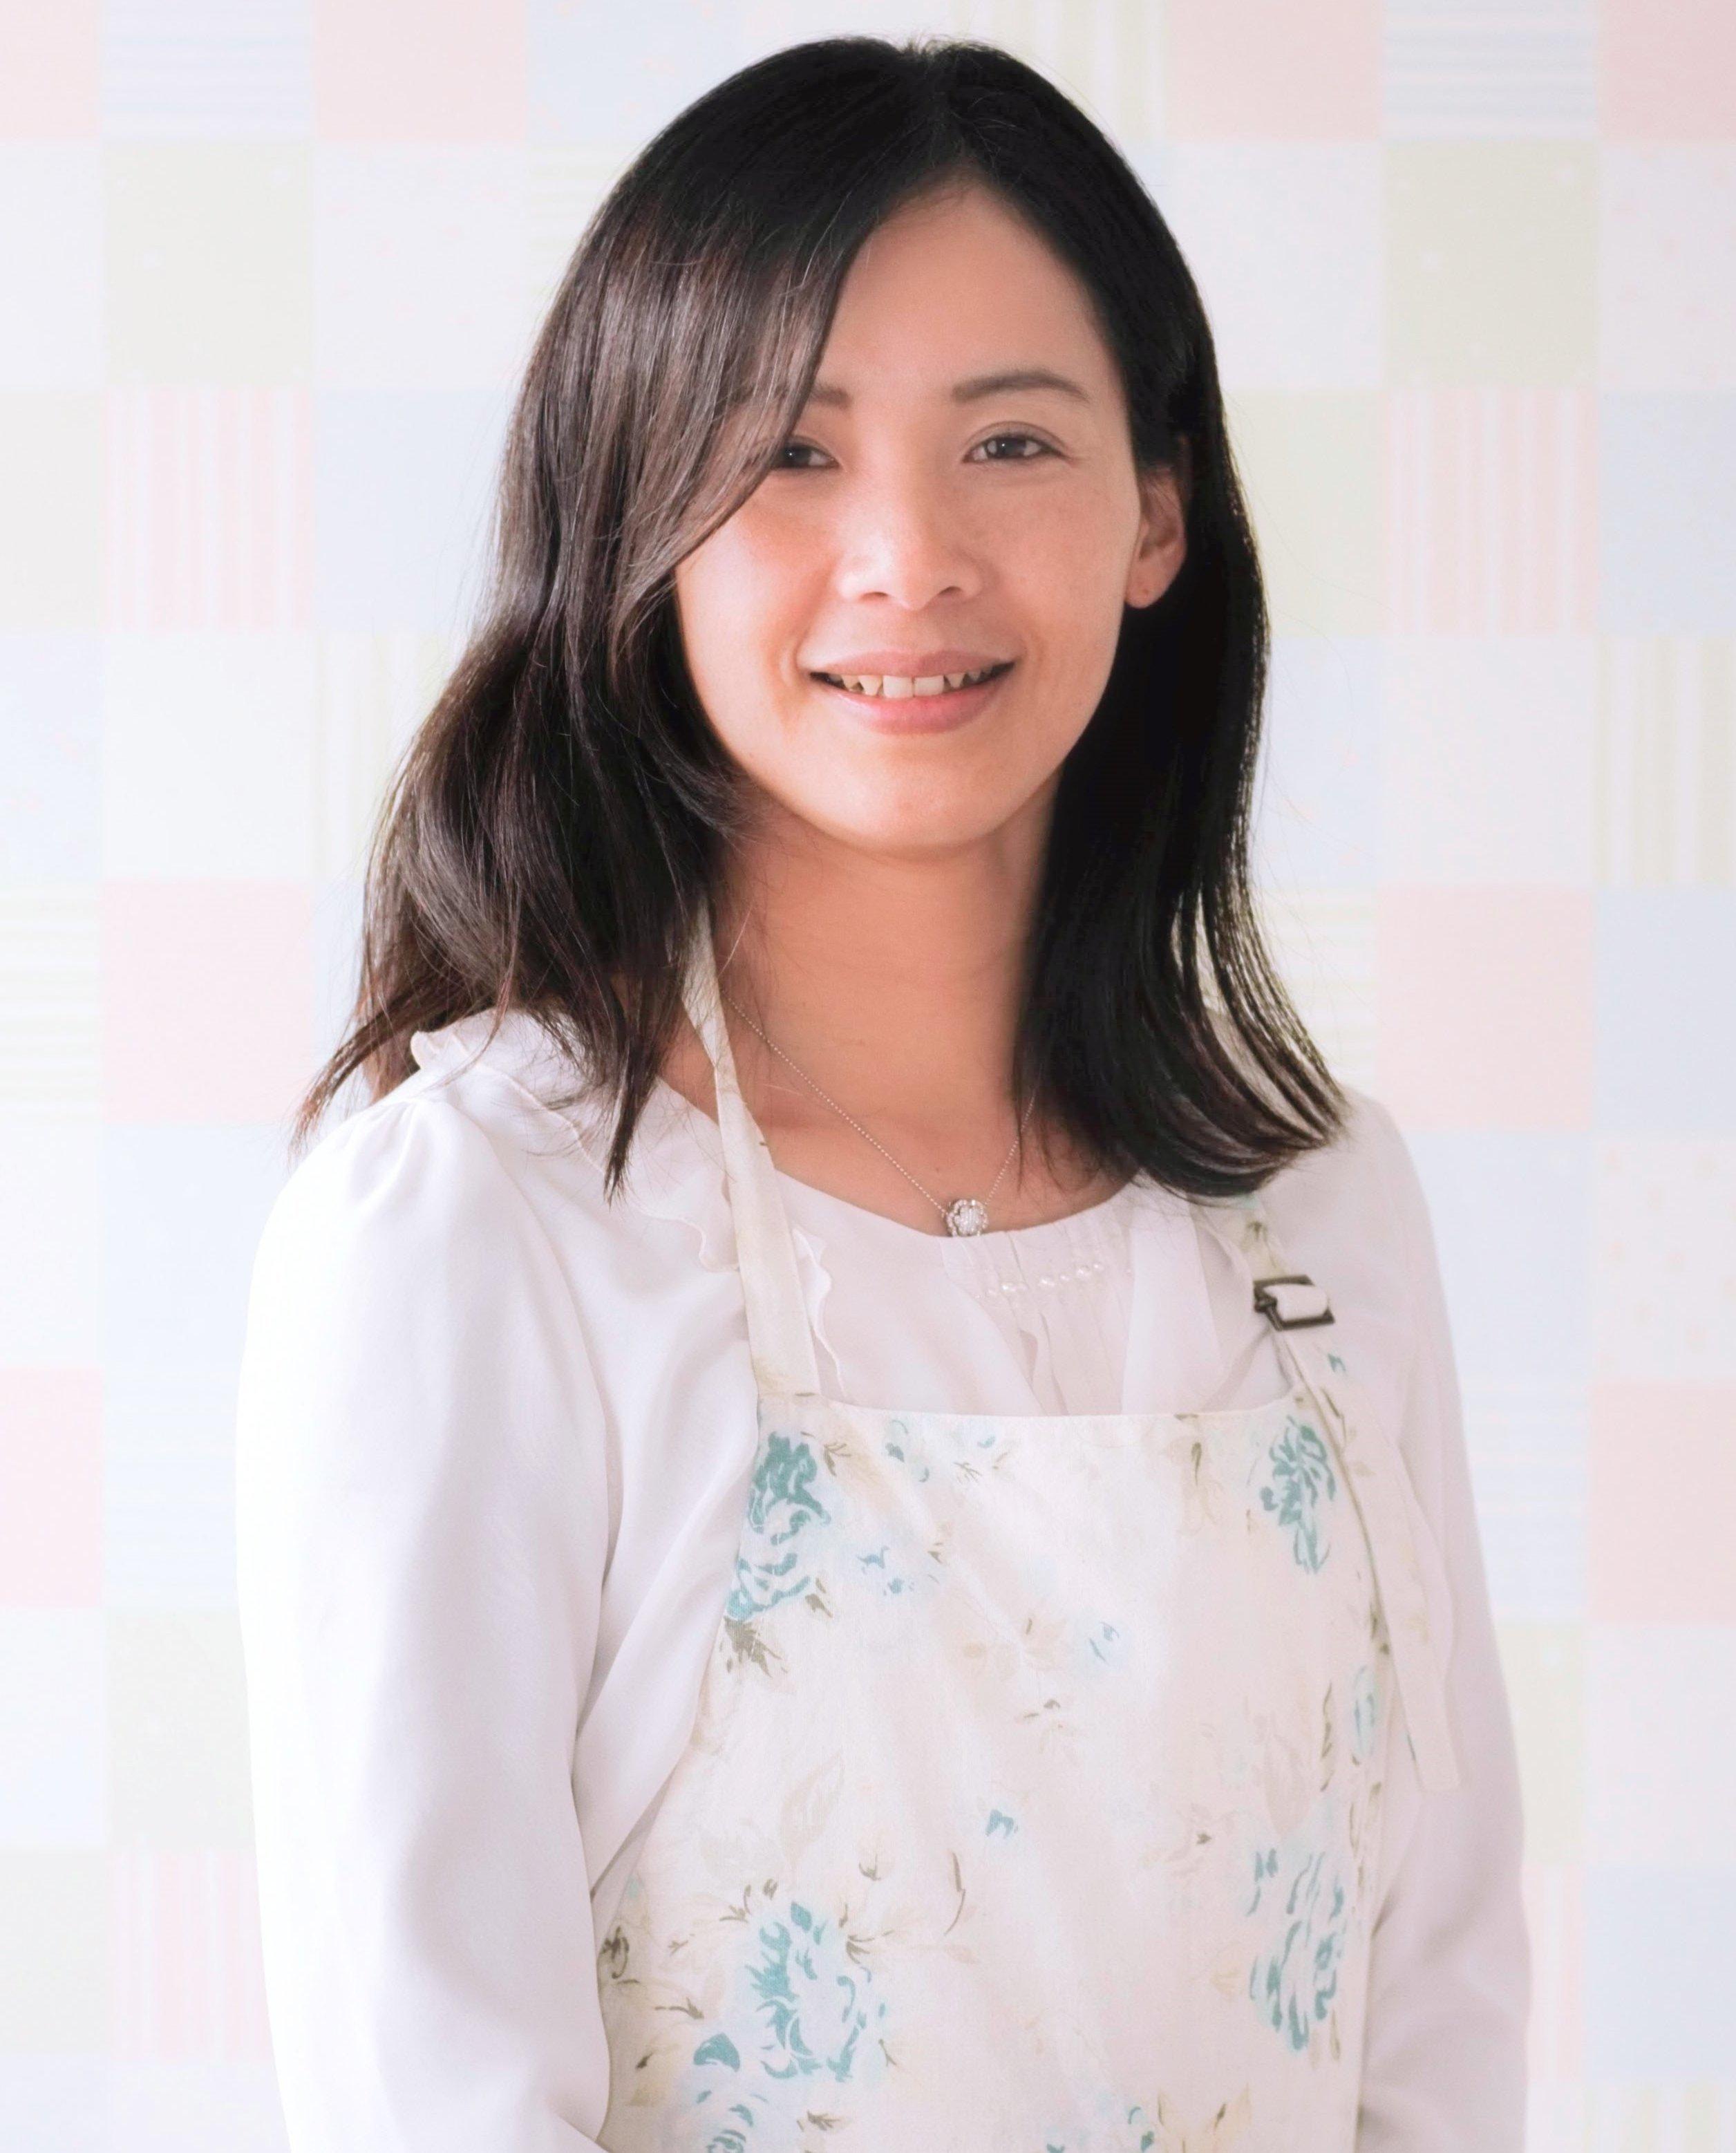 フリーランス管理栄養士|中川麻奈美|プロフィール写真